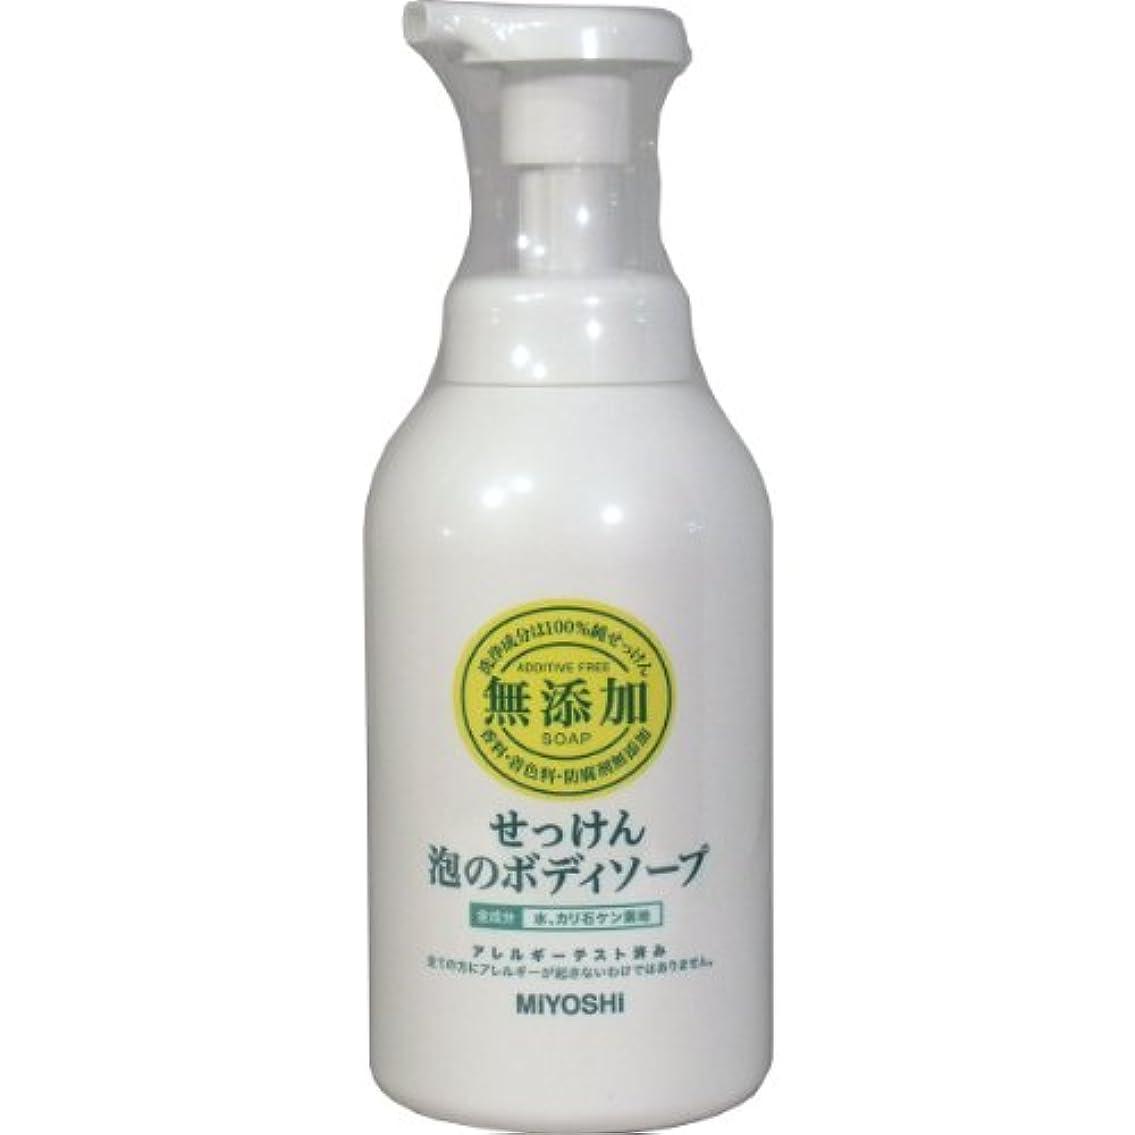 【セット品】ミヨシ 無添加 せっけん泡のボディソープ ポンプ 500ml ×3個